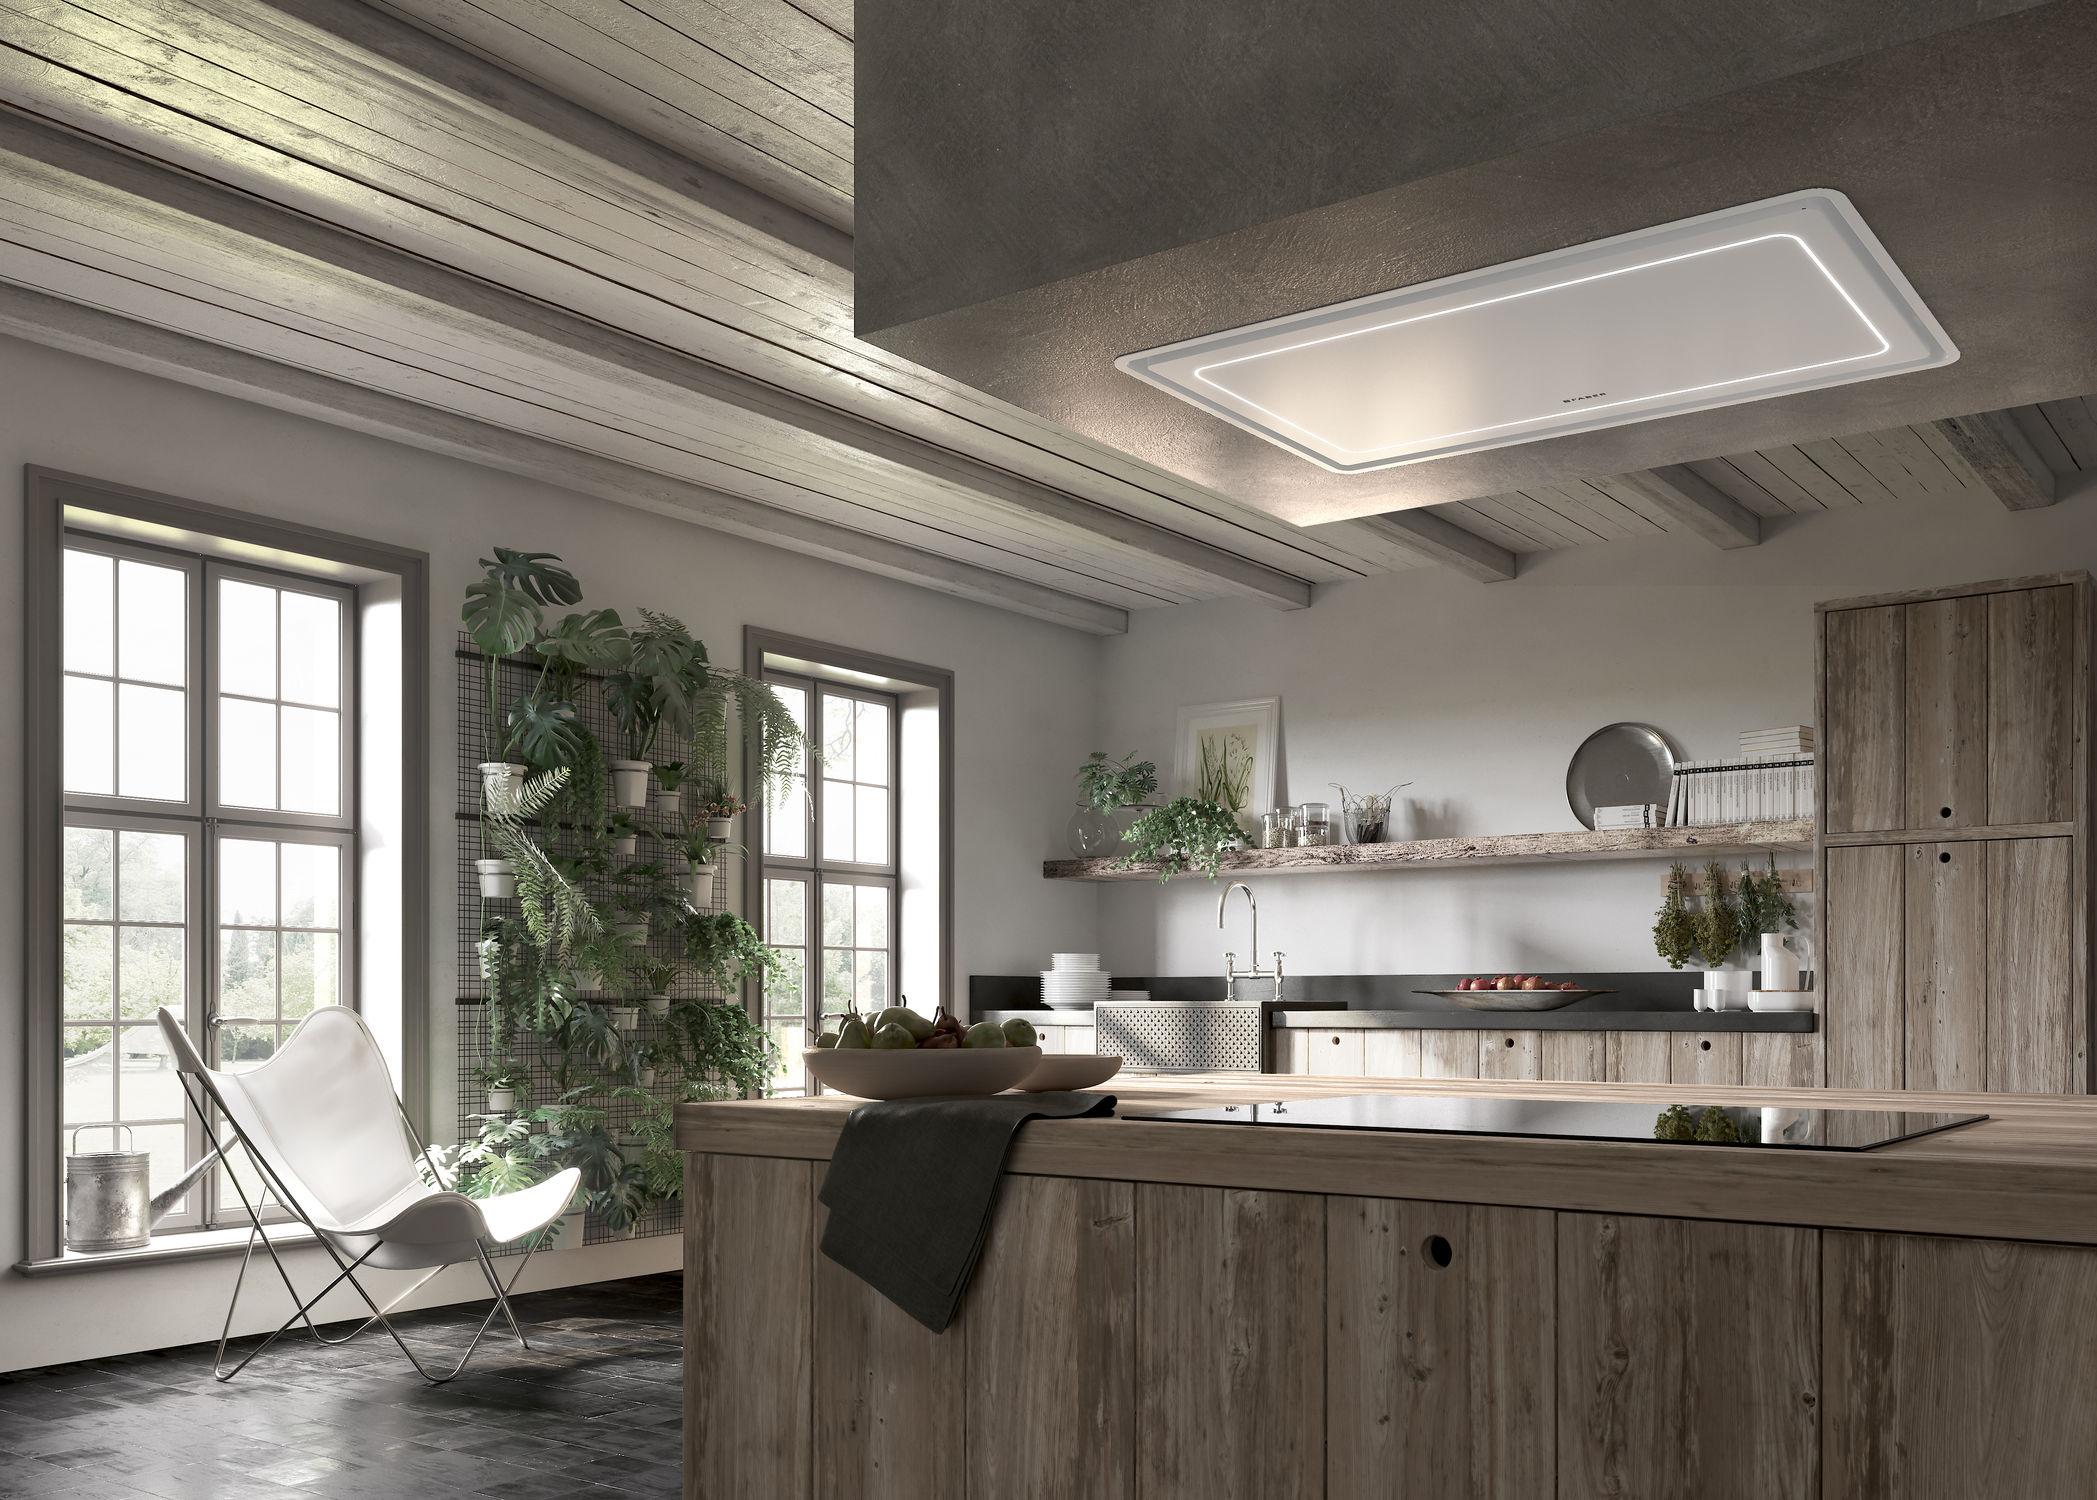 Cappa A Scomparsa Nel Soffitto   Cappa da soffitto con illuminazione  integrata high light ea5462fea882